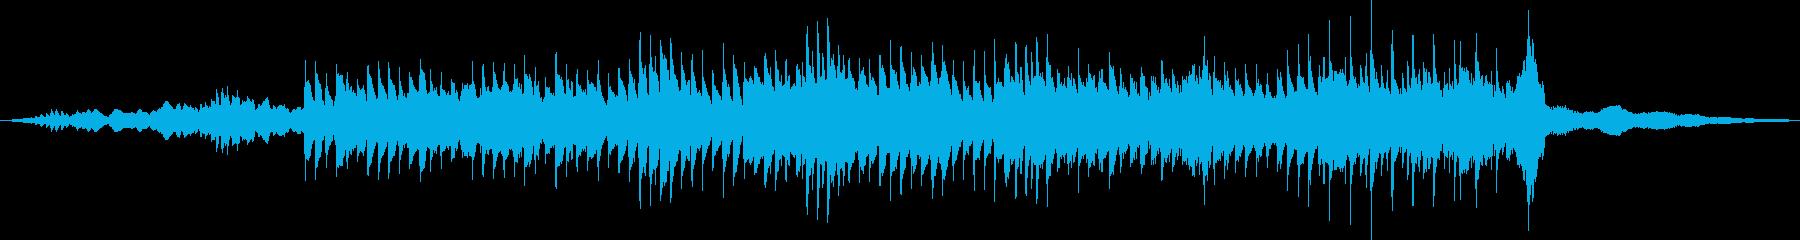 周囲の空気のような音は、オーケスト...の再生済みの波形